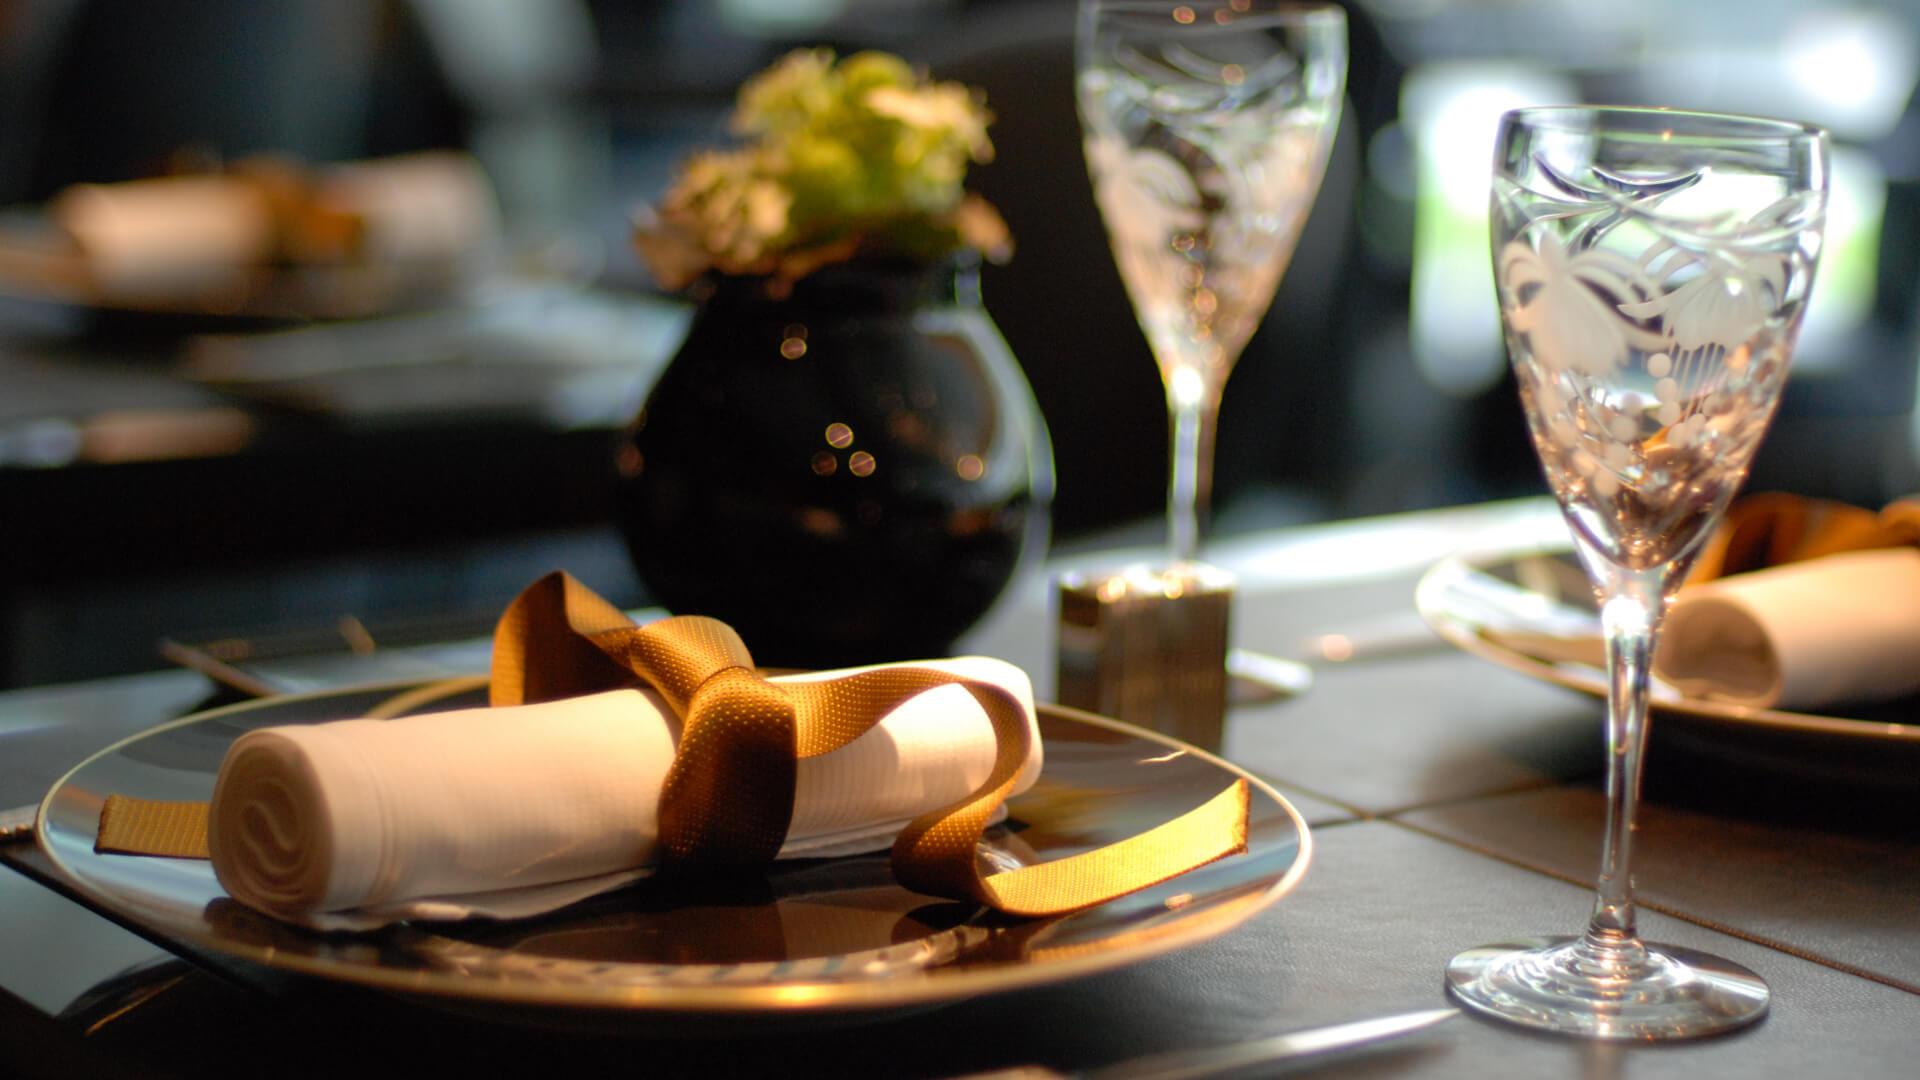 Mutfak Sanatlarının Oscar Ödülleri: Michelin Yıldızı